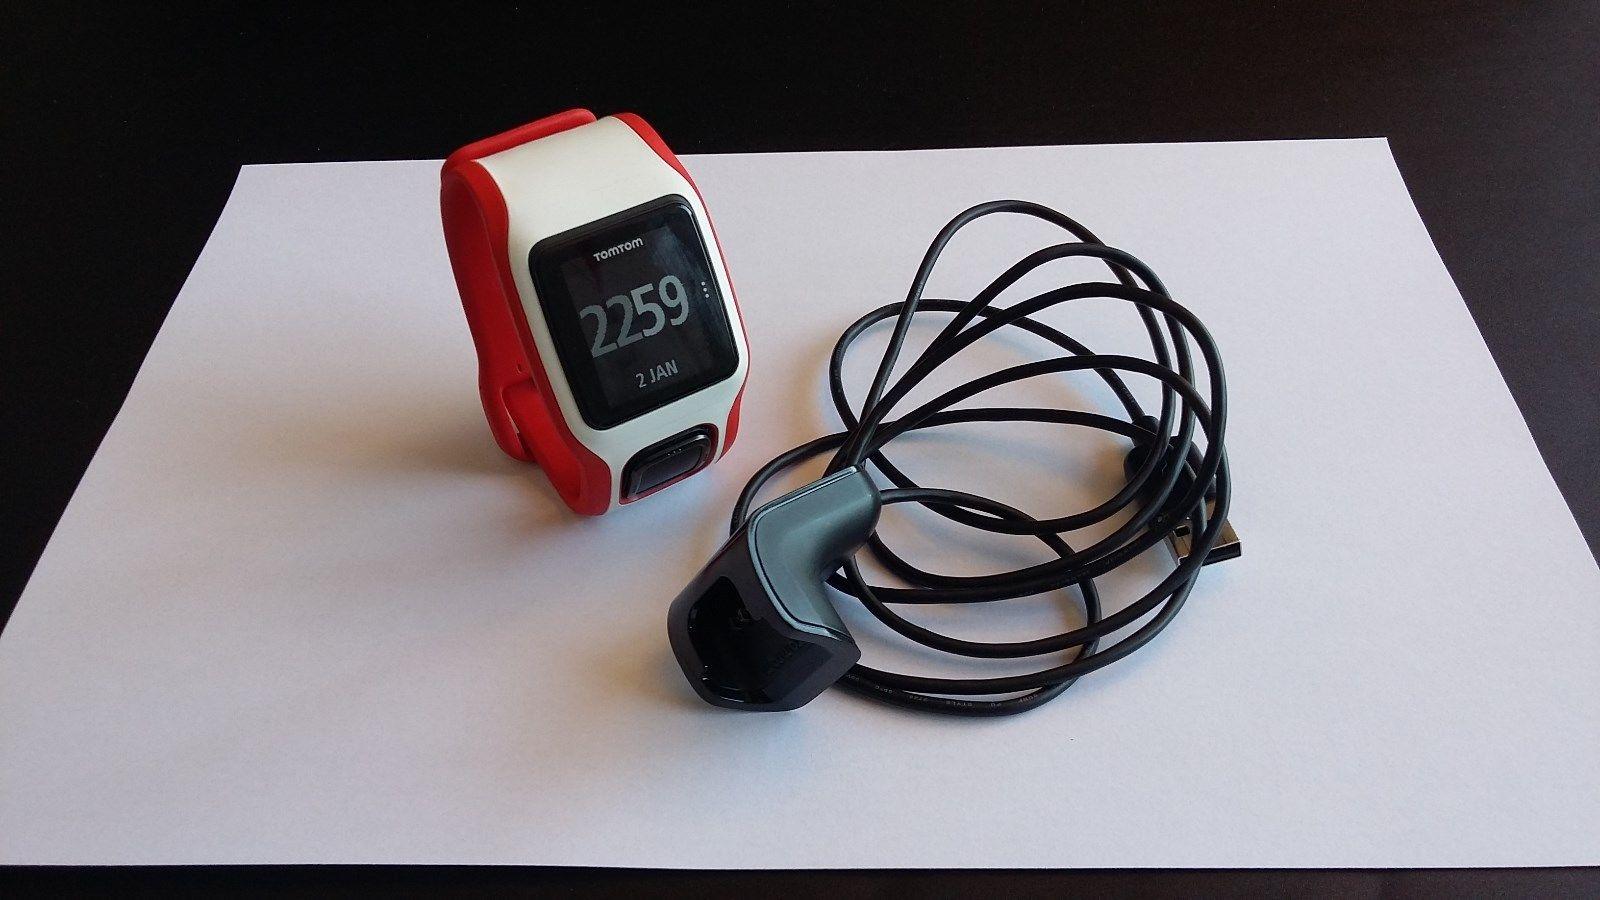 Laufuhr TomTom MultiSport Cardio mit Ladekabel (weiß-rot)